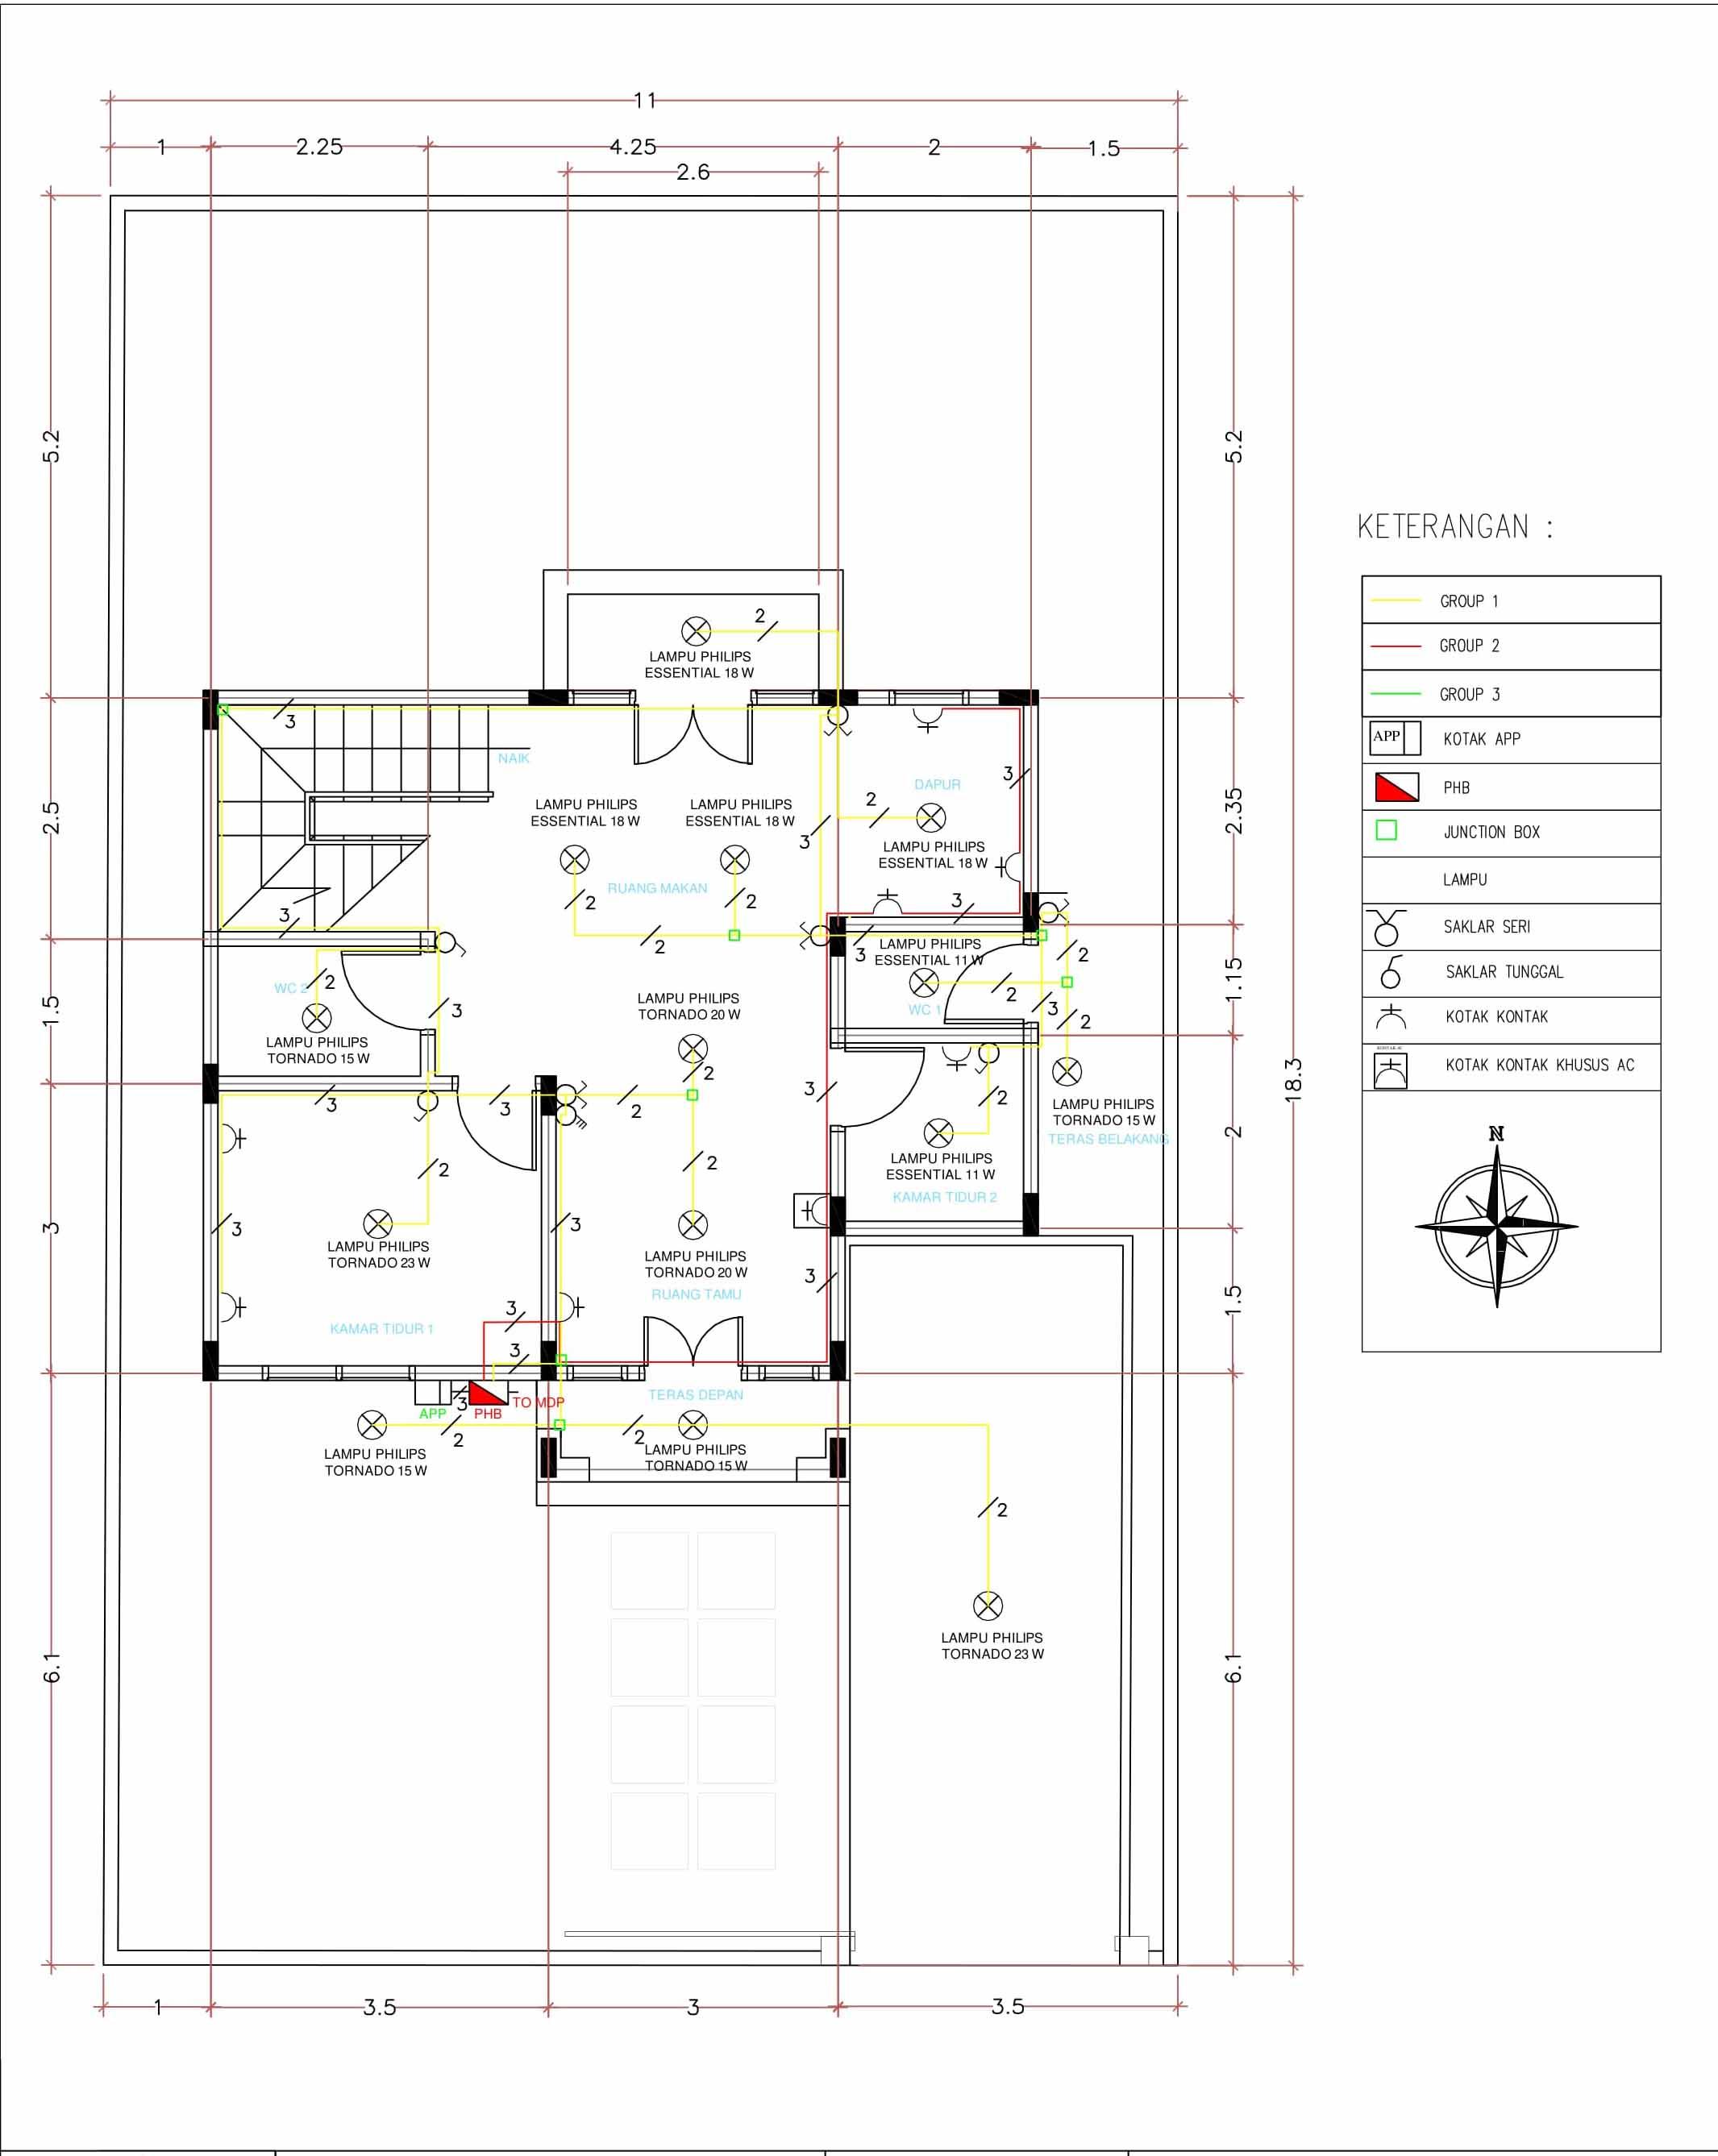 Perencanaan Instalasi Listrik Rumah Bertingkat Dua Lantai